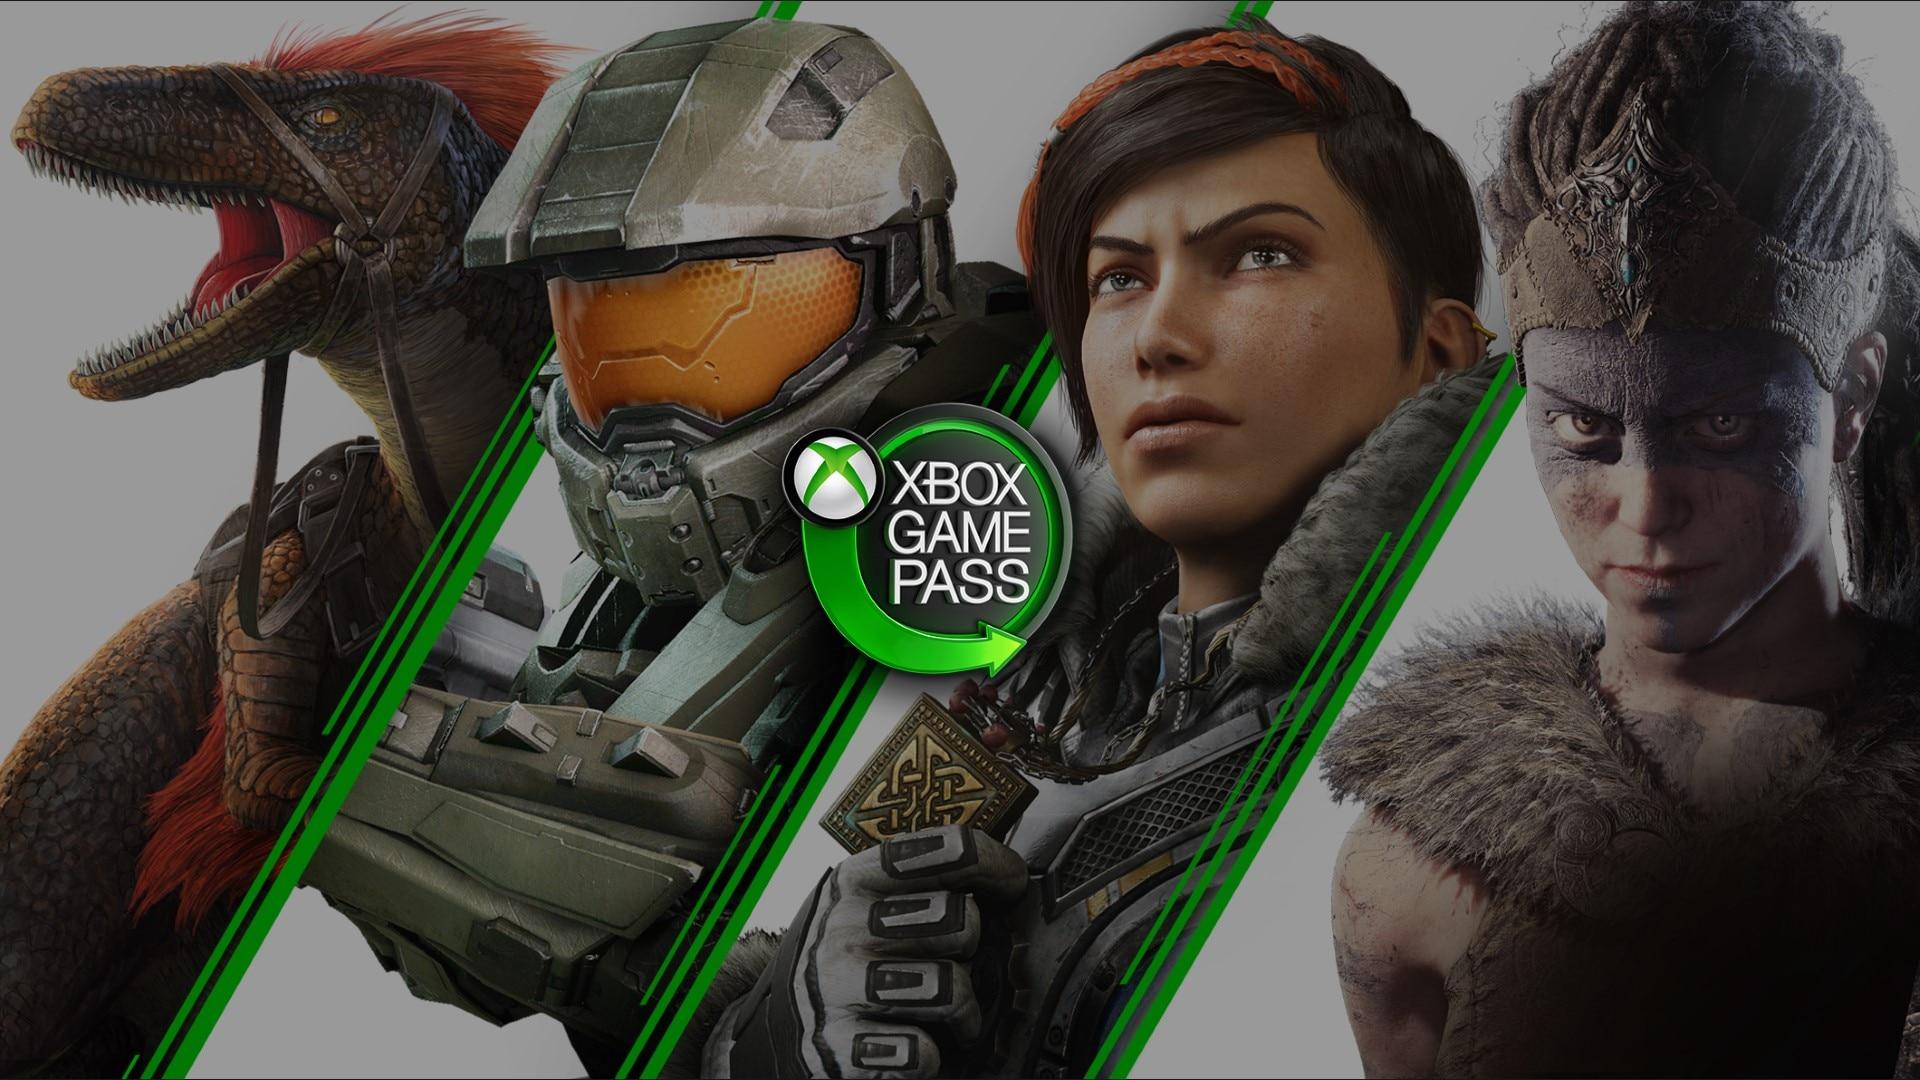 Xbox Game Pass é o serviço de jogos por assinatura da Microsoft. (Foto: Divulgação/Microsoft)